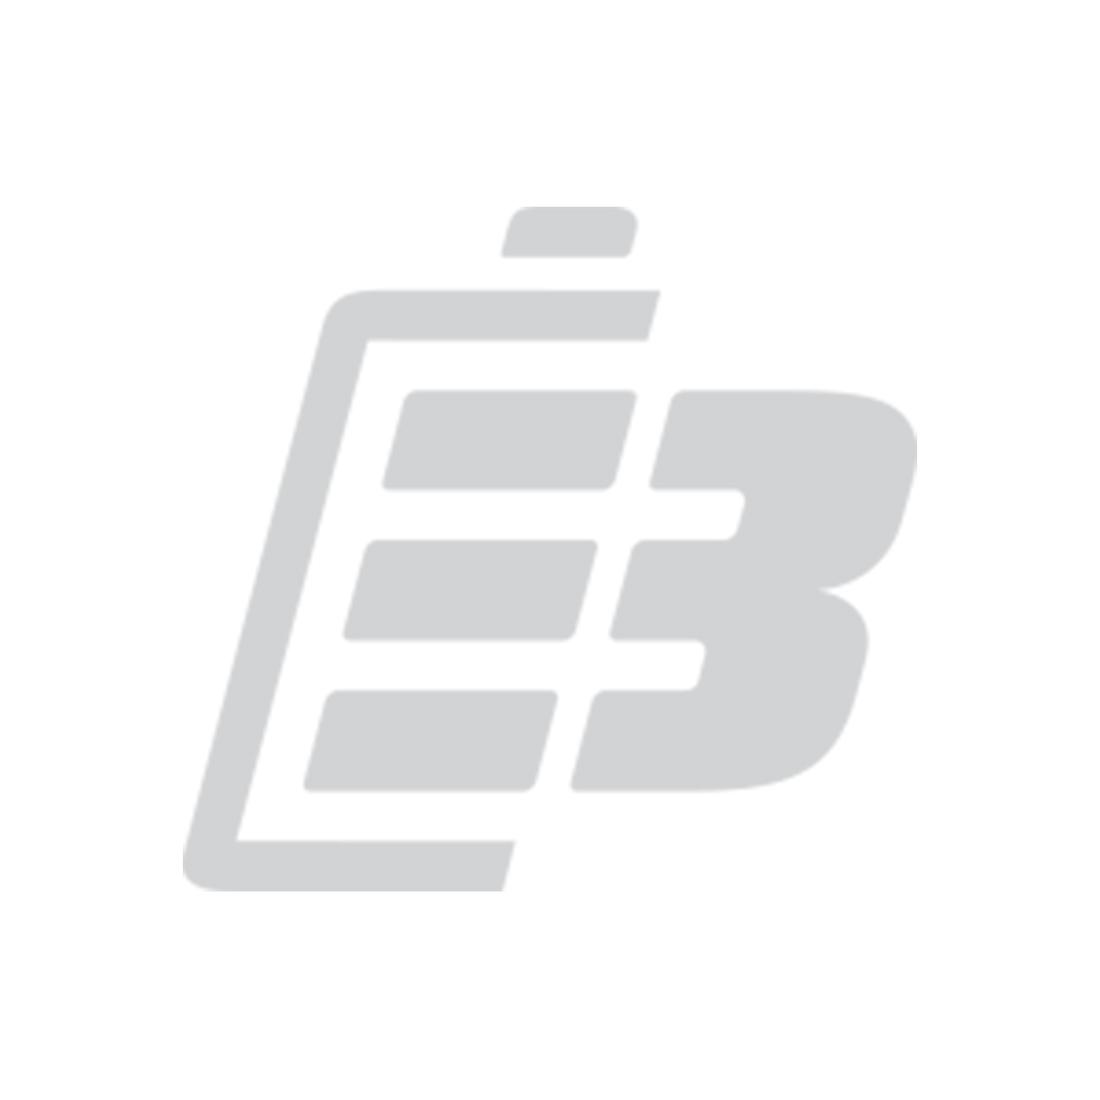 CSB Lead Acid Battery HR1218W 12V 6Ah